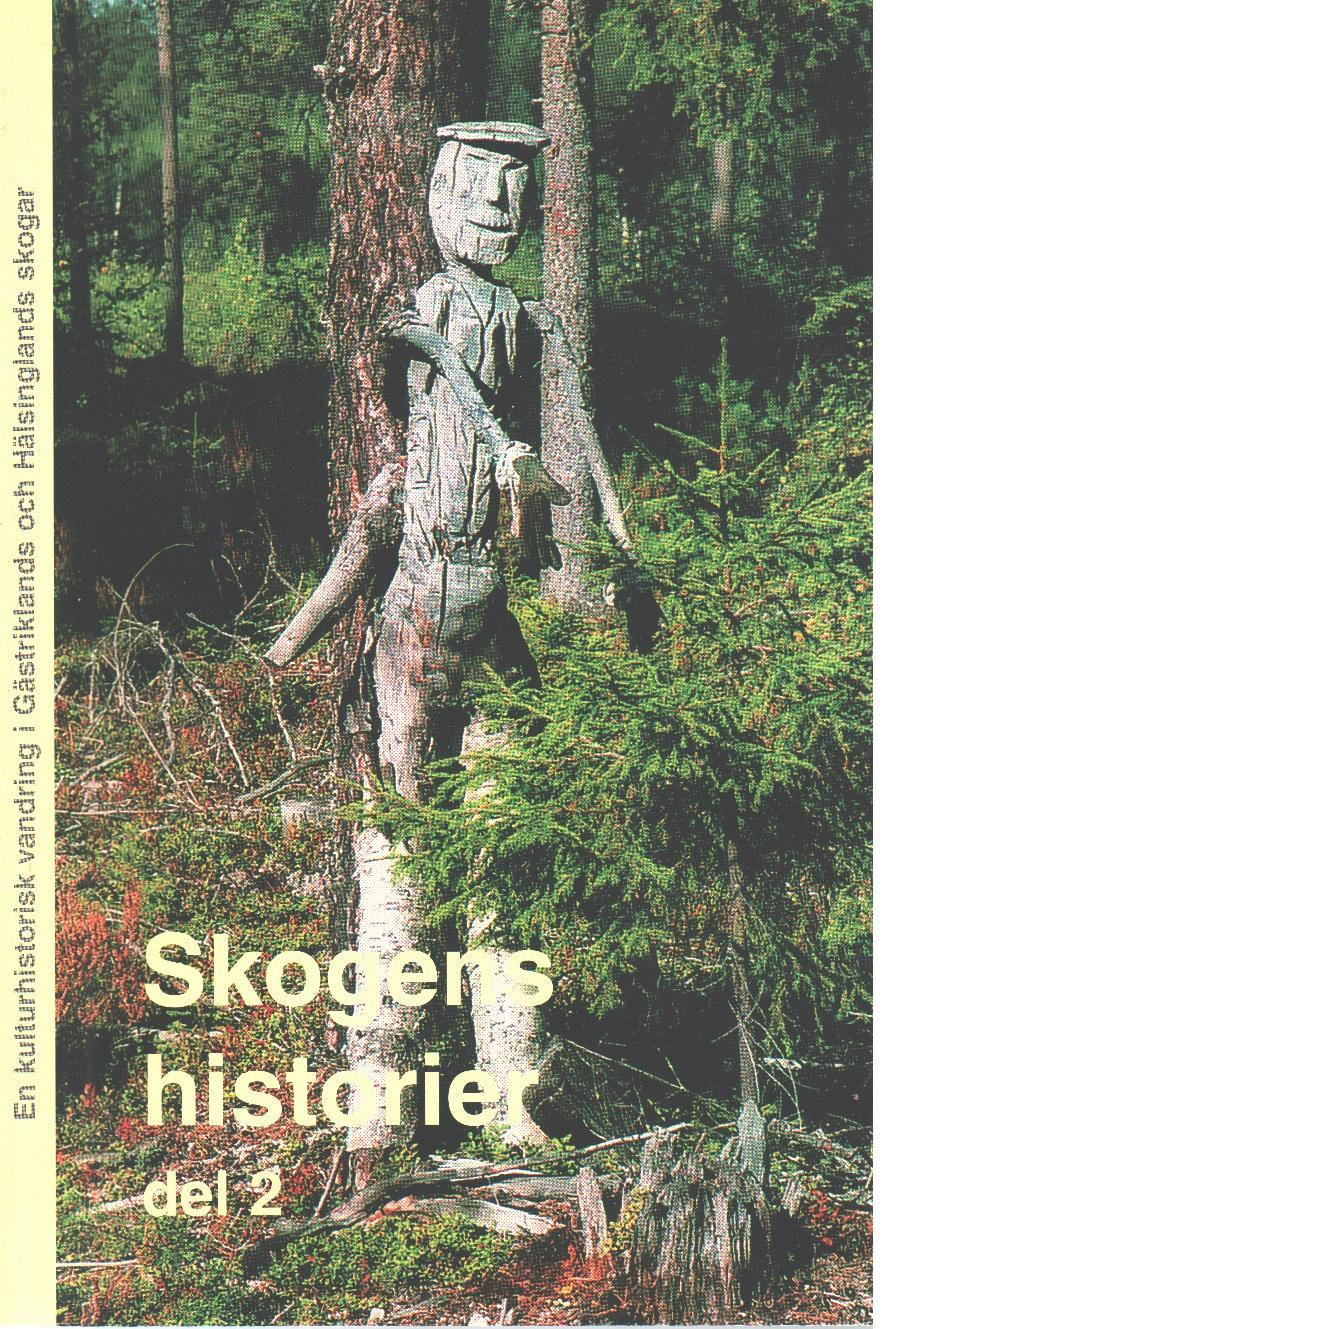 Skogens historier. D. 2 - Red.